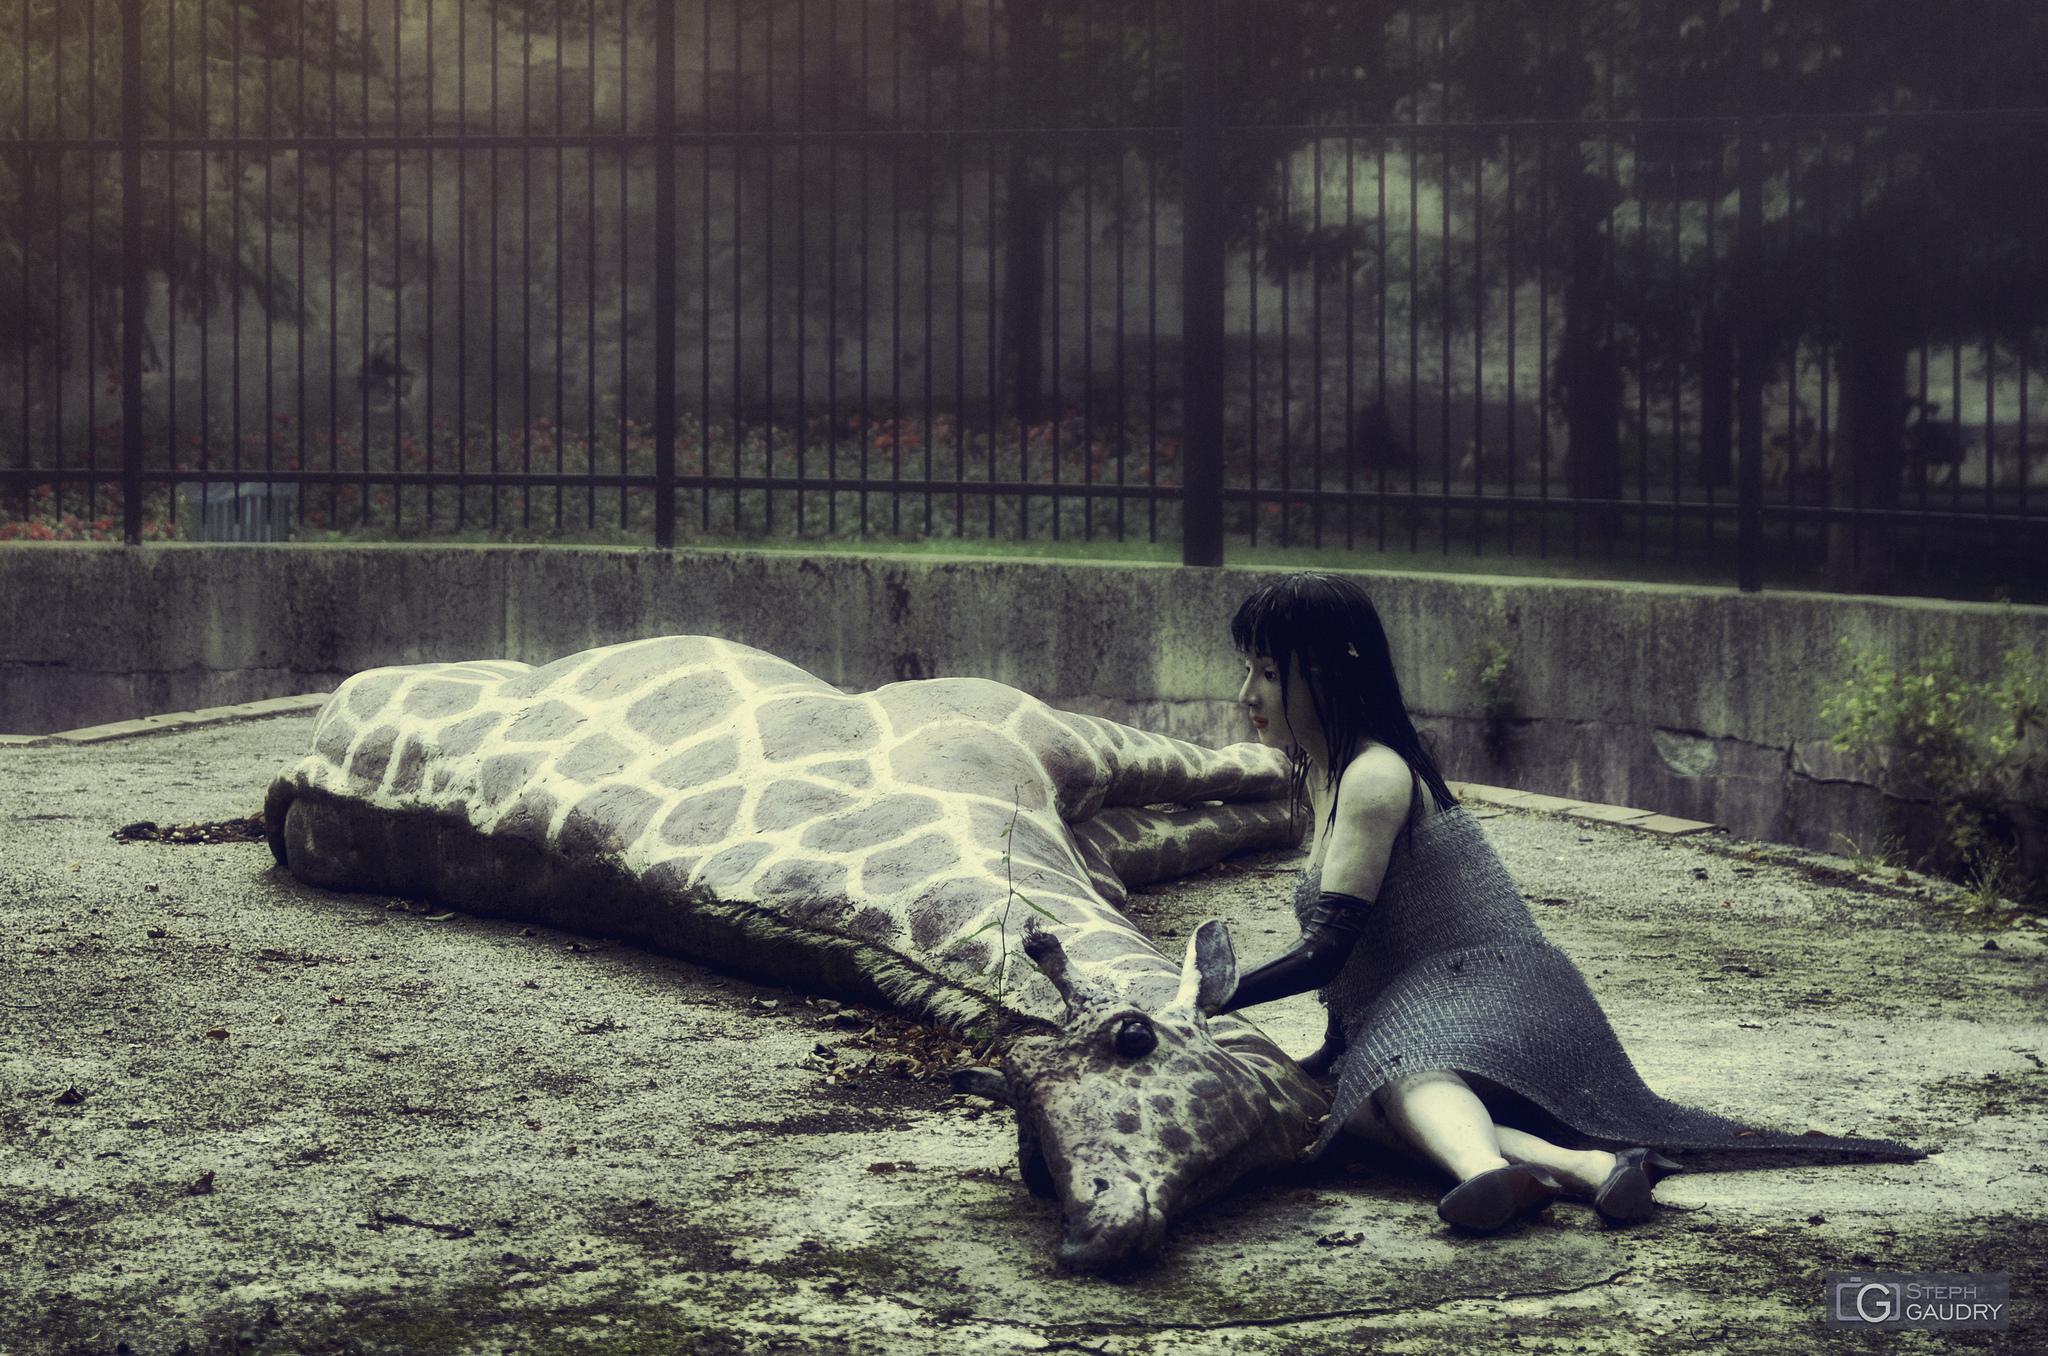 La fille à la girafe - l'adieu [Cliquez pour lancer le diaporama]